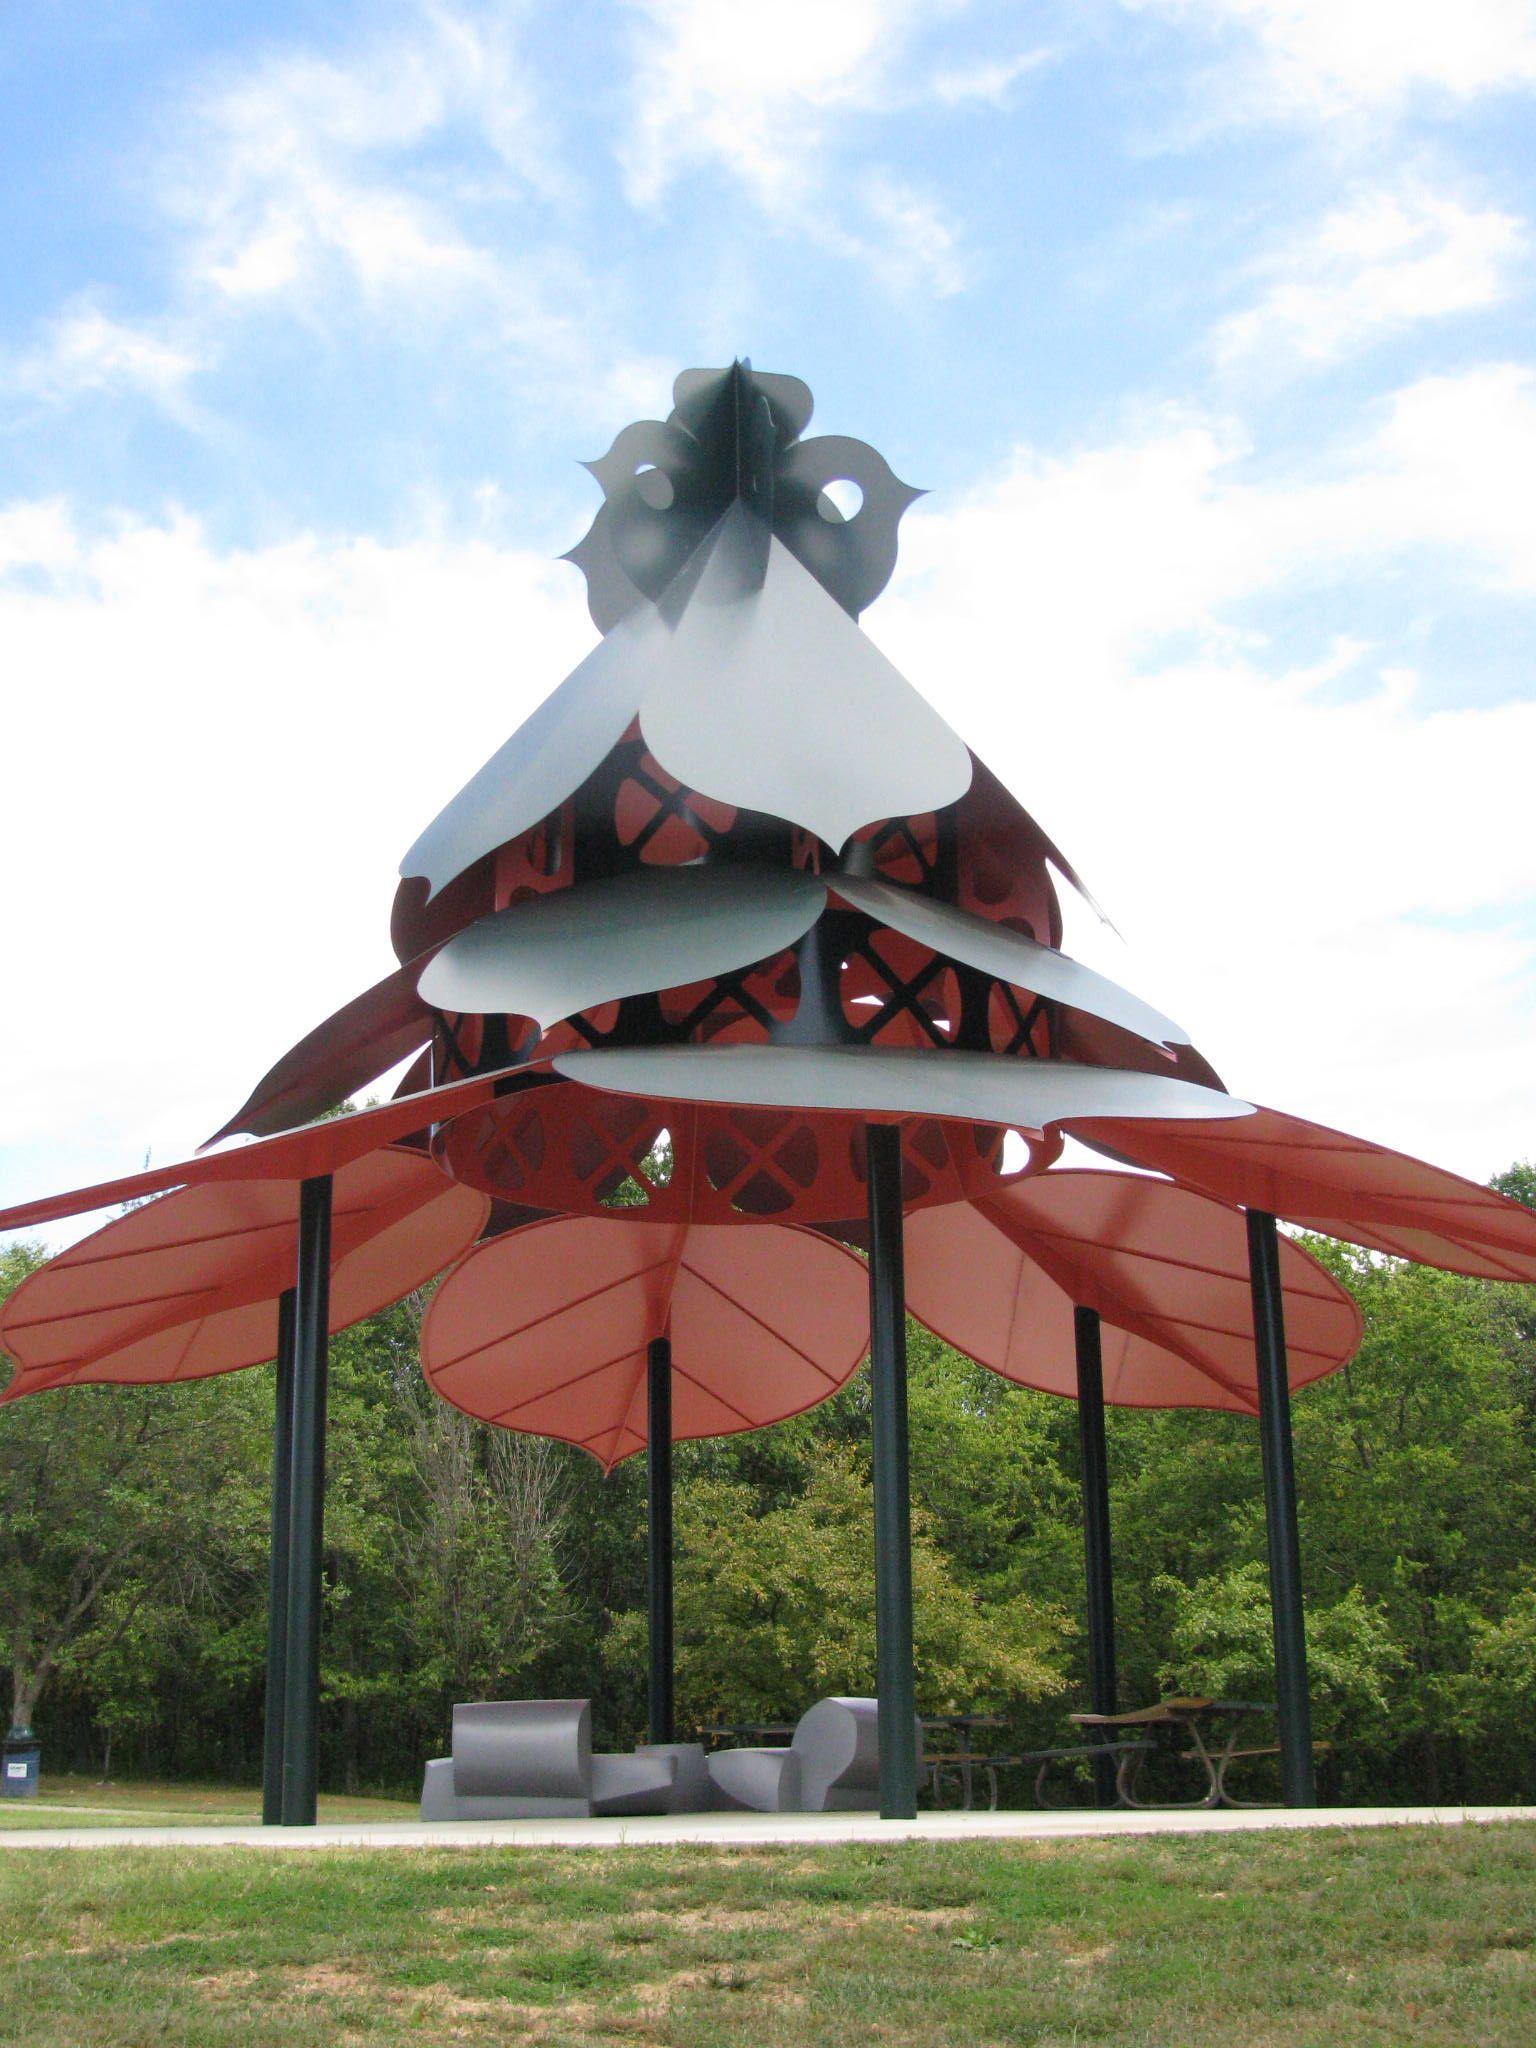 Pavilion Laumeier Sculpture Park St. Louis